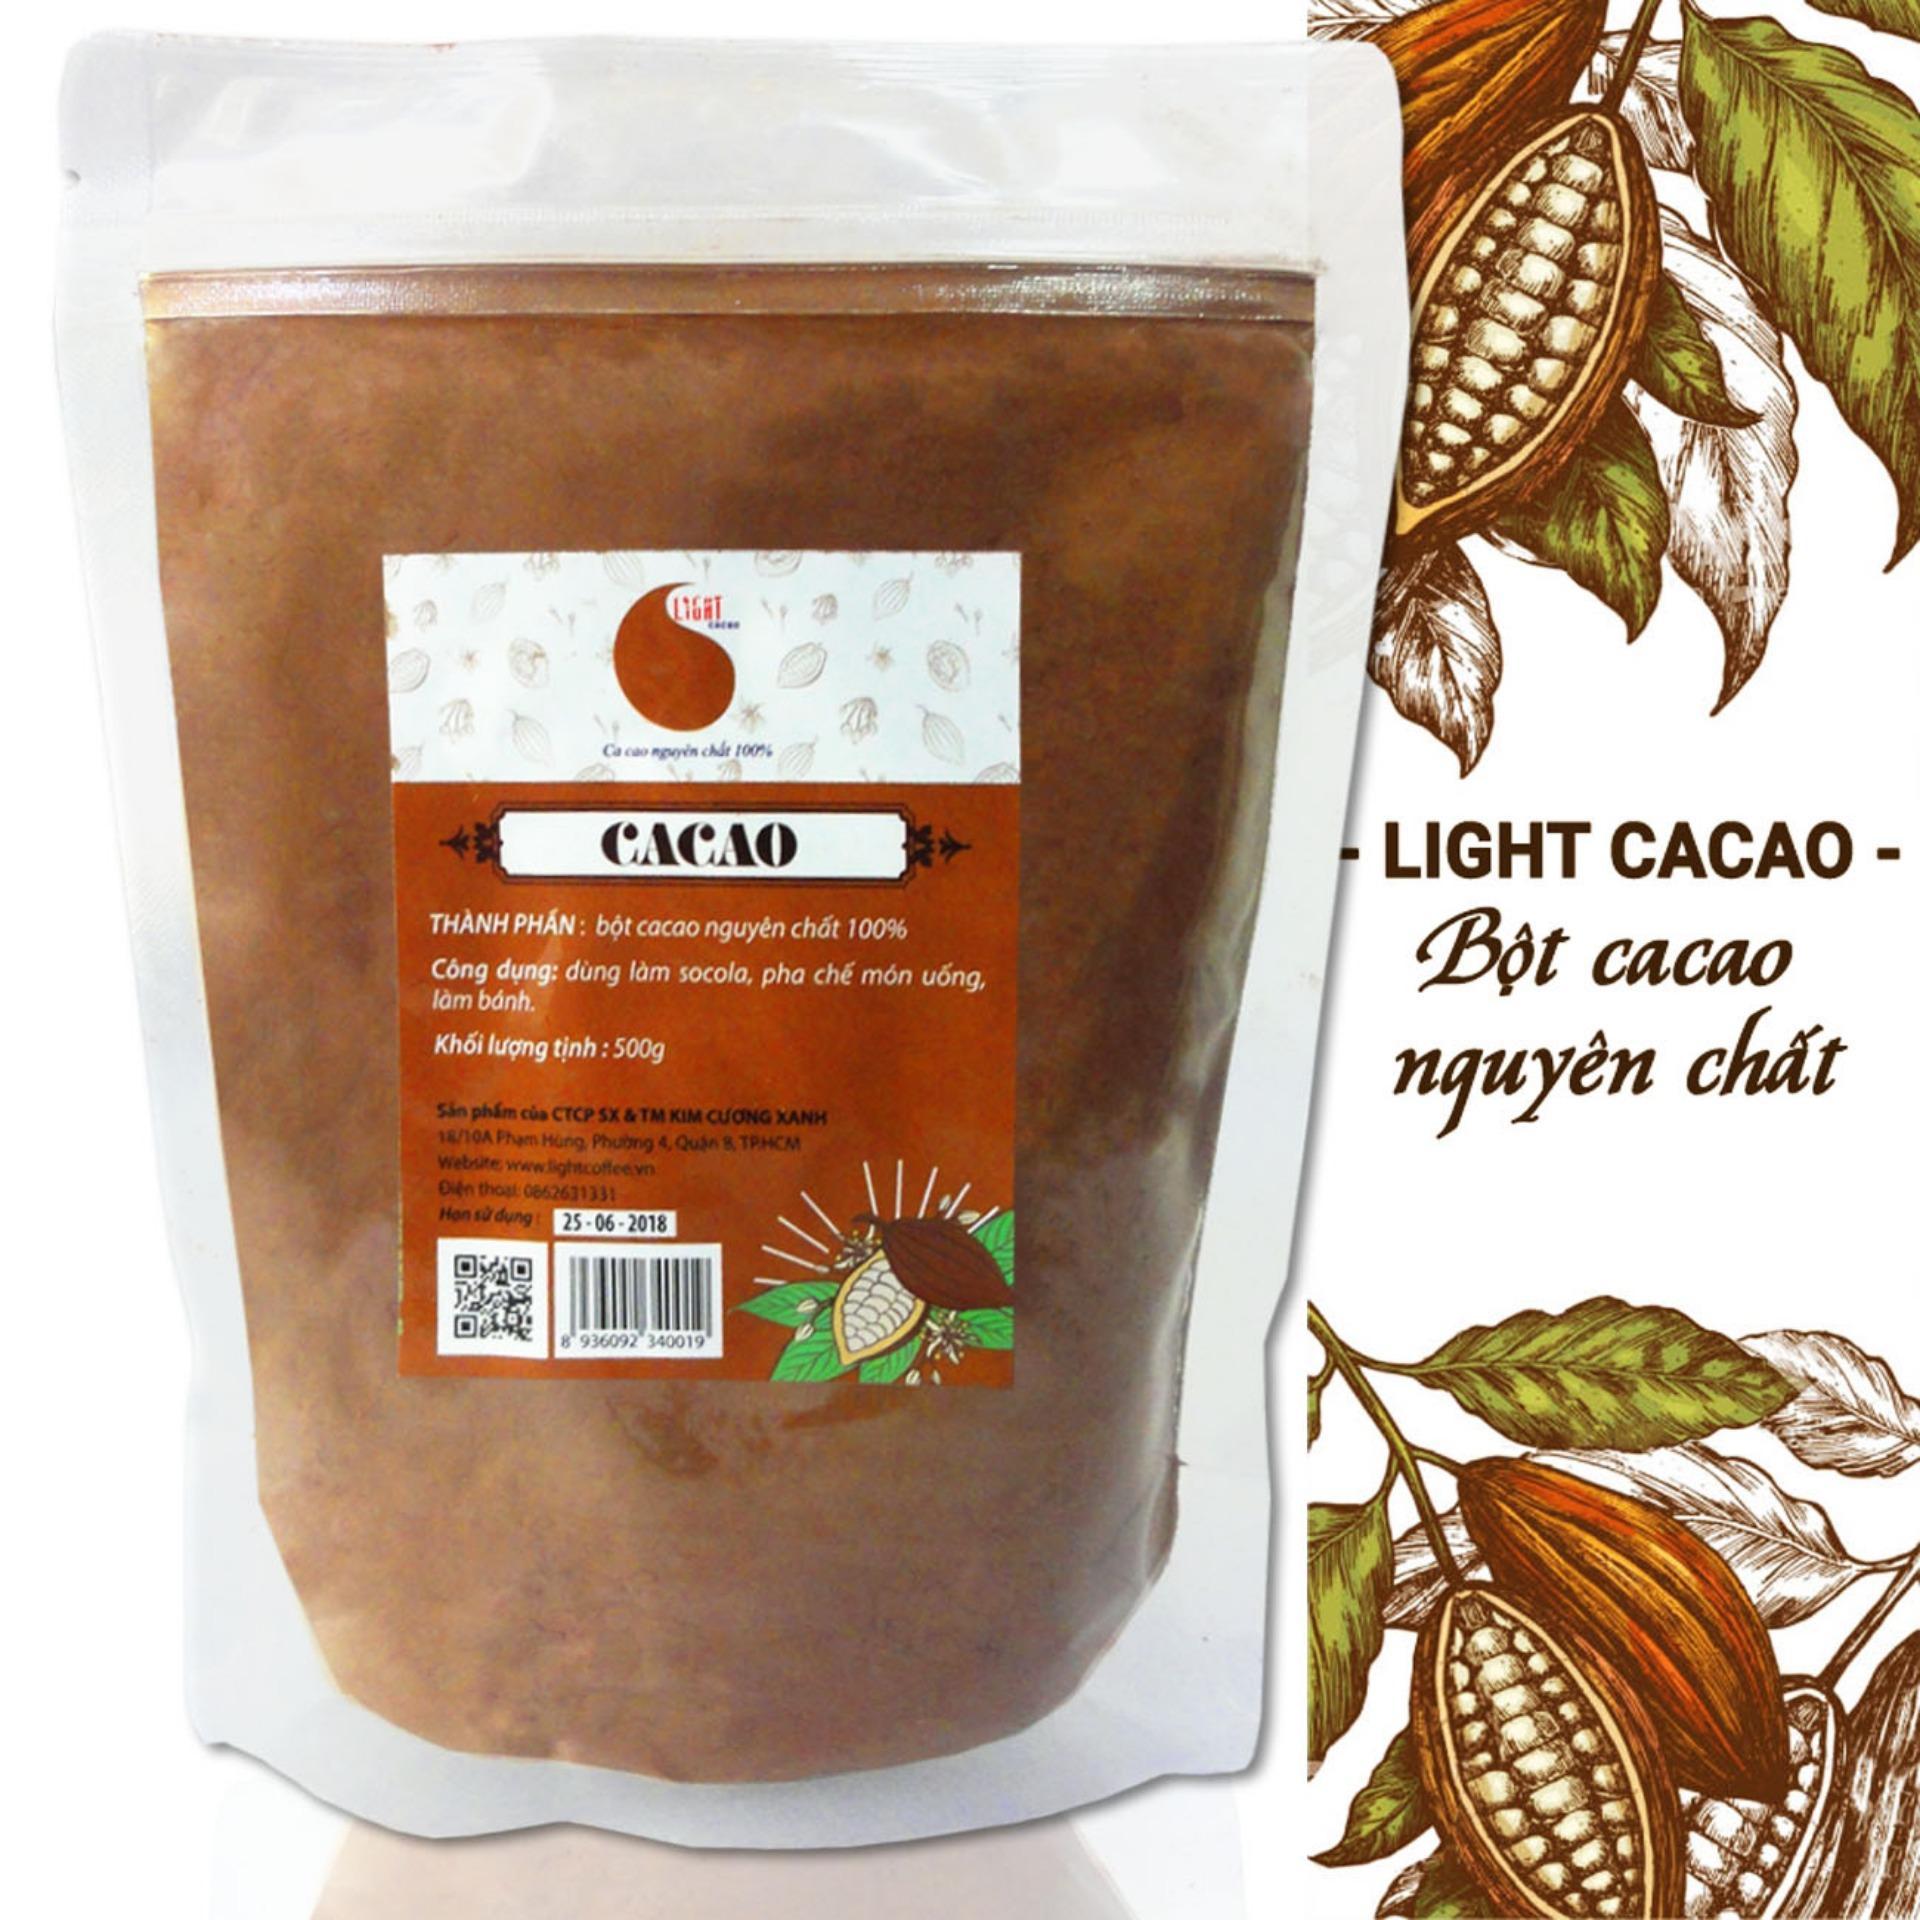 Giá Bán Bột Cacao Nguyen Chất Khong Đường Light Cacao Goi 500Gr Nguyên